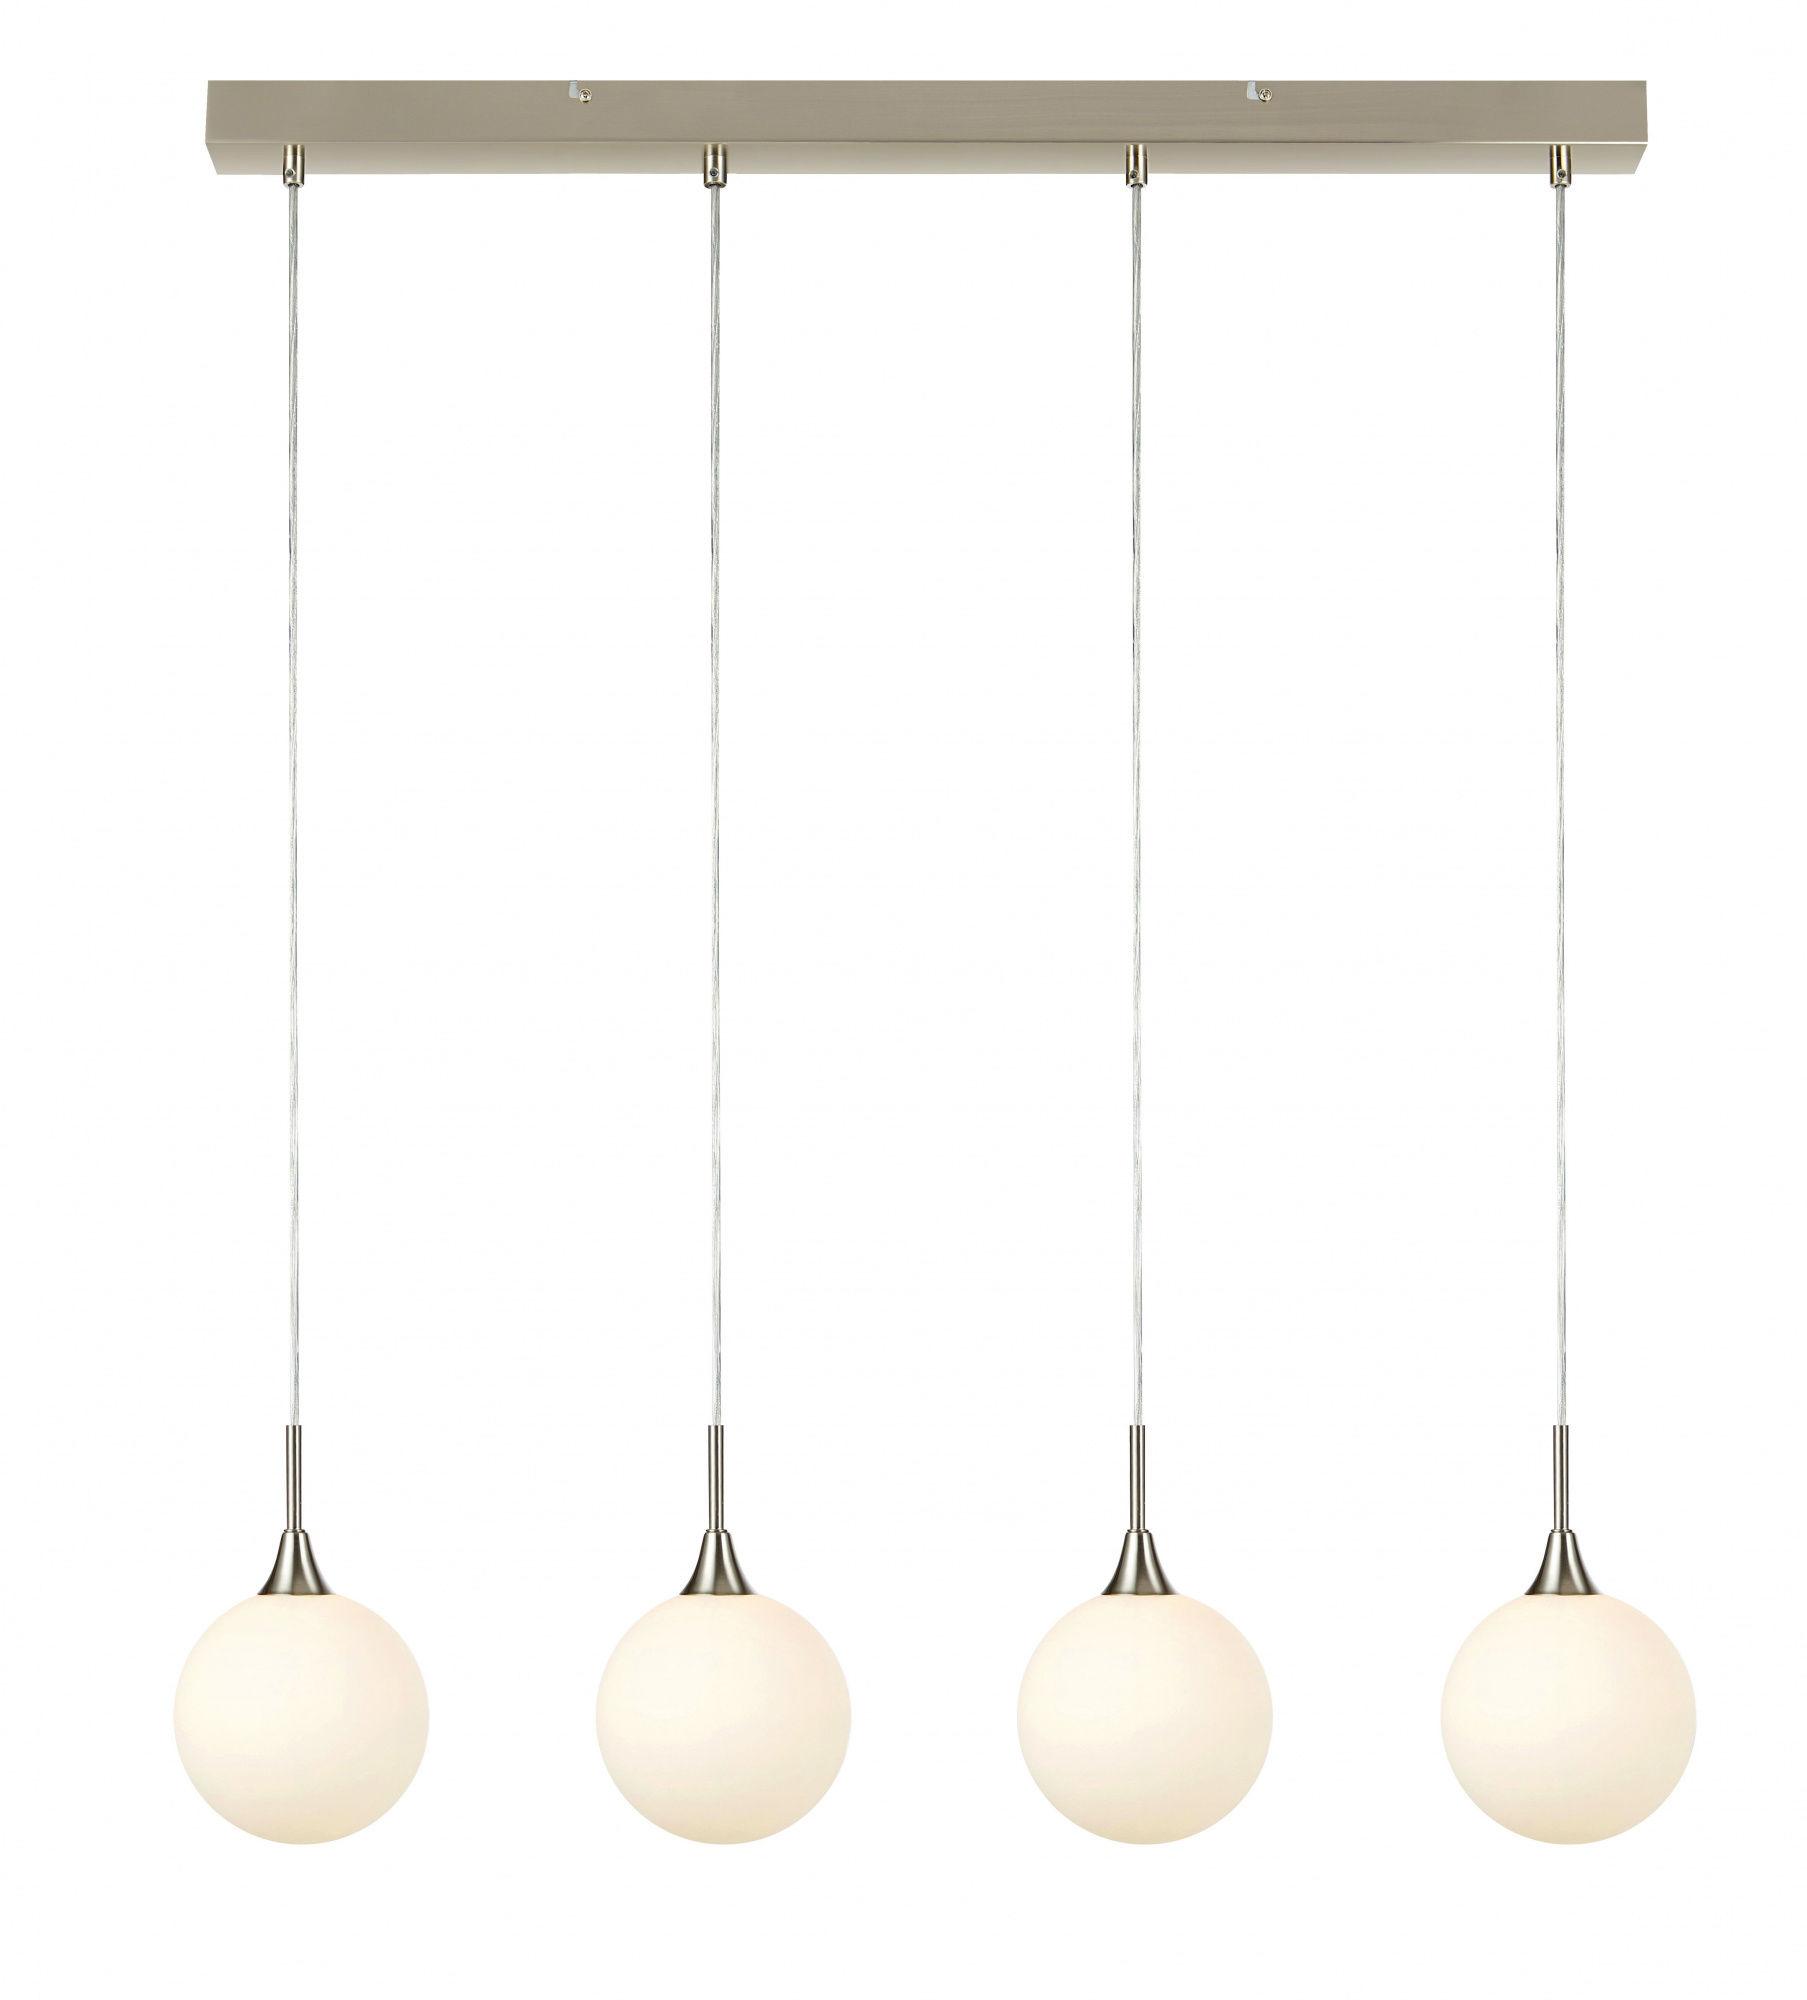 Lampa wisząca Quattro 107761 Markslojd minimalistyczna oprawa w kolorze stalowym